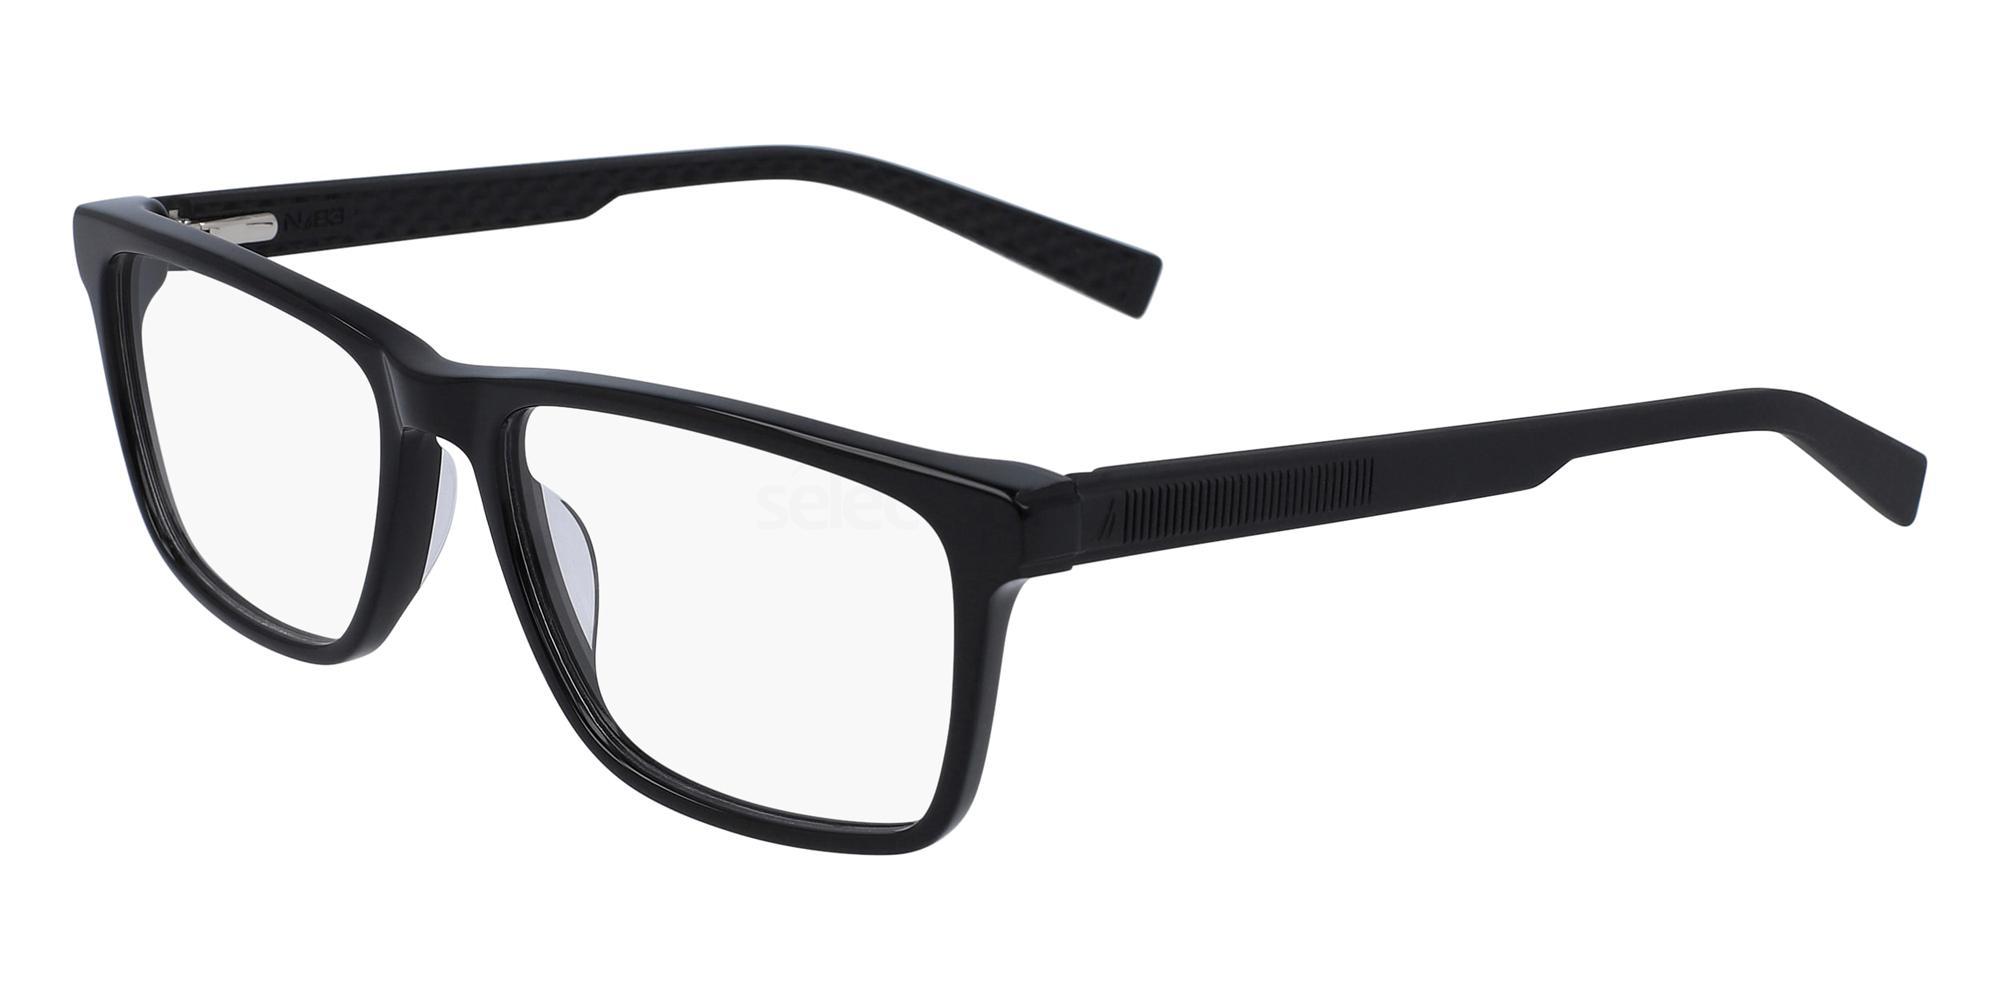 001 N8147 Glasses, Nautica